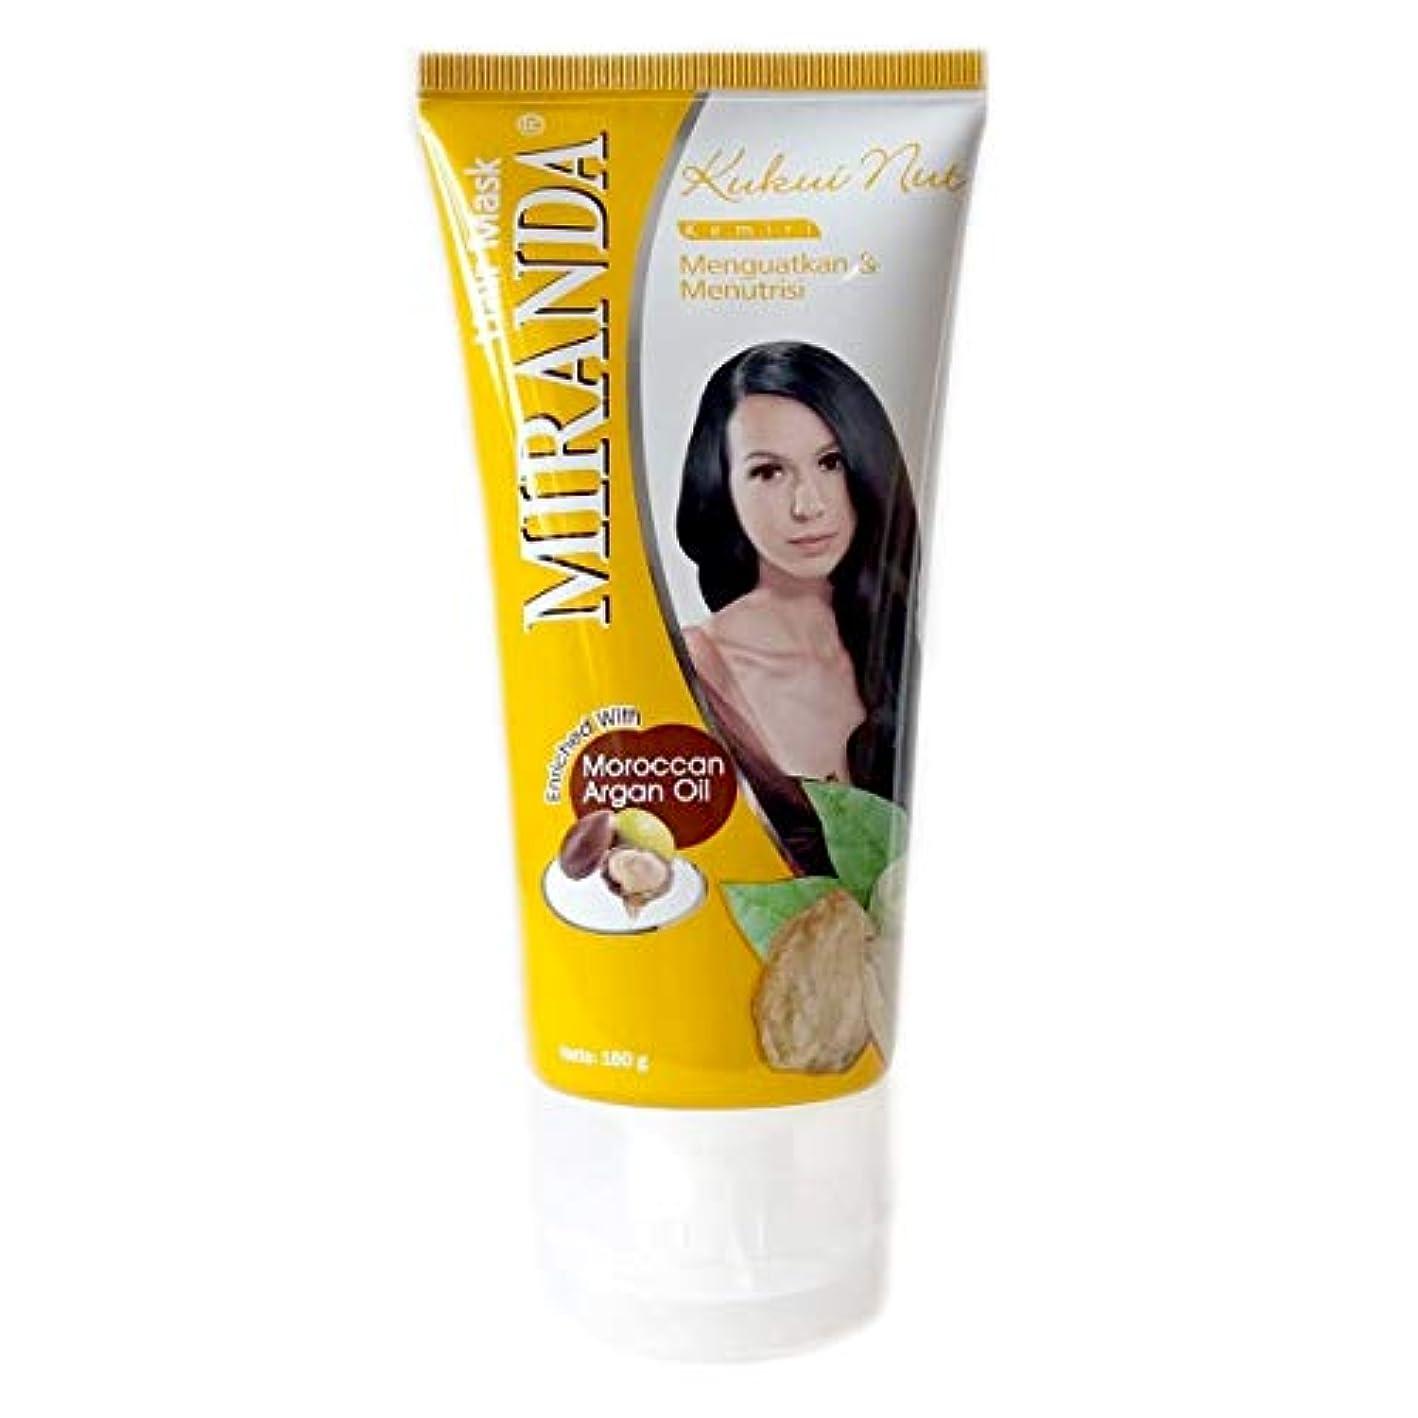 真鍮媒染剤単語MIRANDA ミランダ Hair Mask ヘアマスク モロッカンアルガンオイル主成分のヘアトリートメント 160g Kukui nut クミリ [海外直送品]